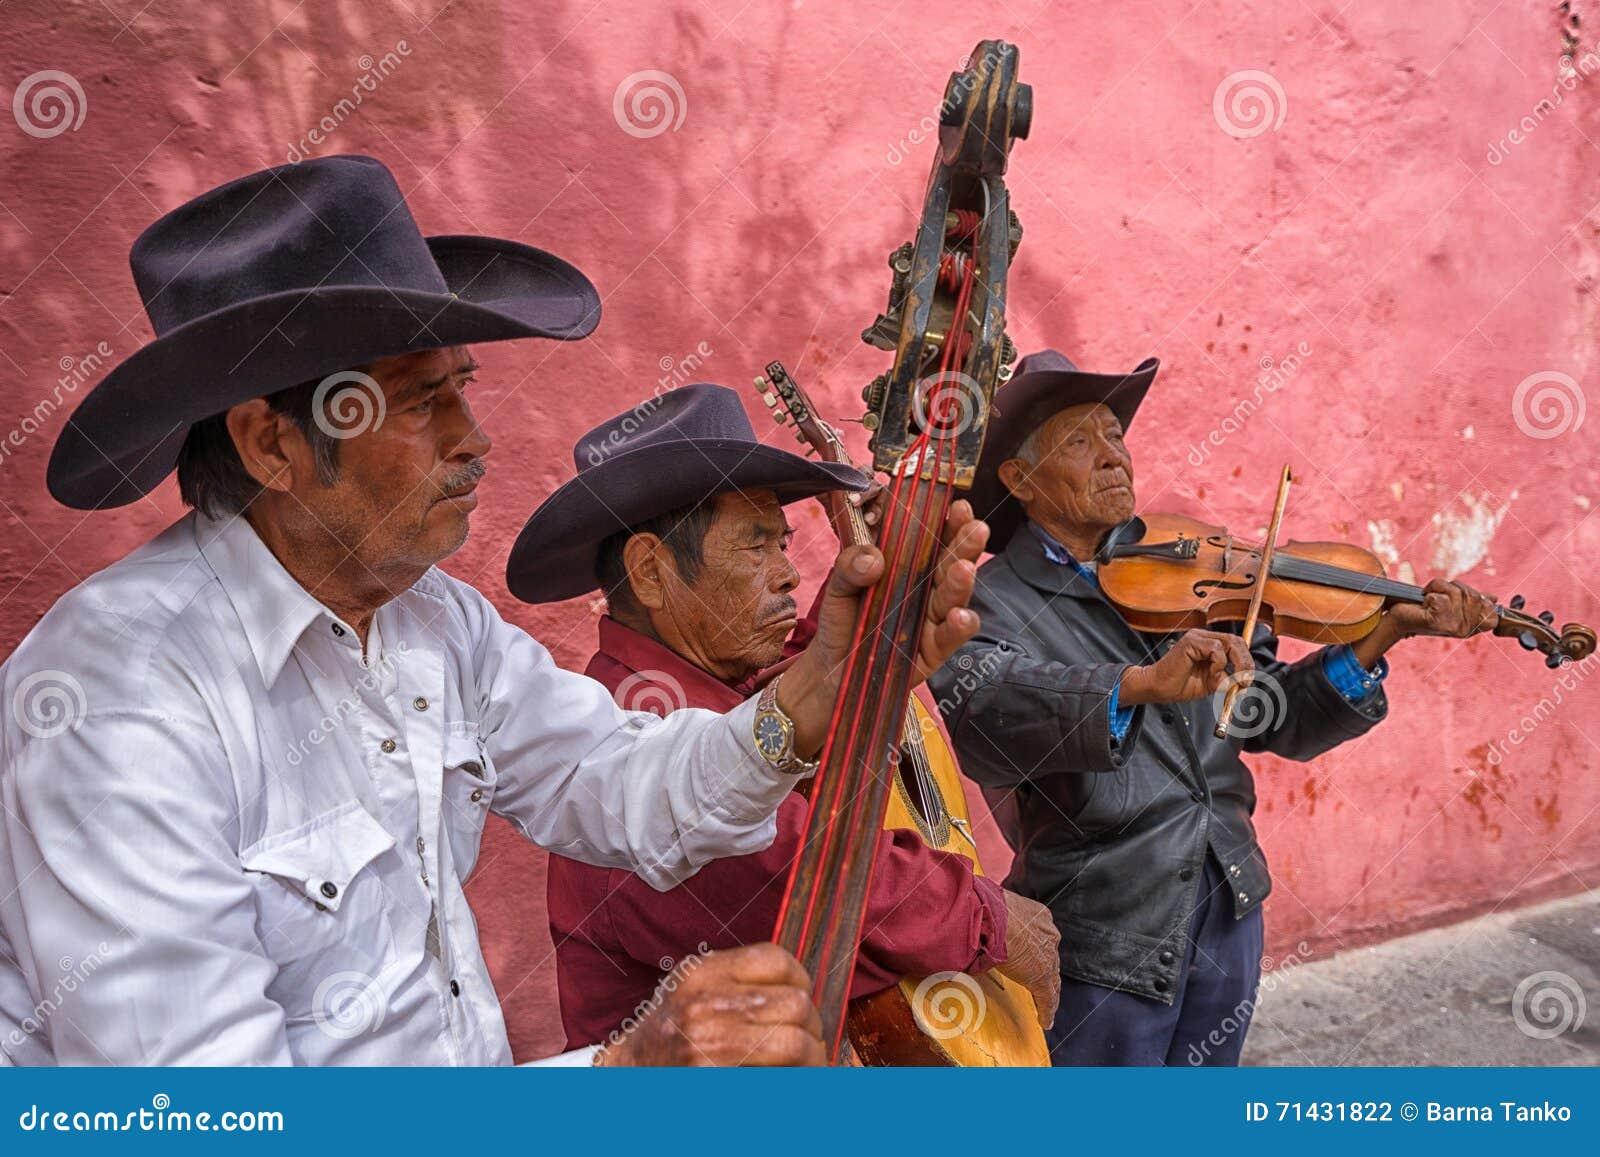 Straßenmusiker in Mexiko